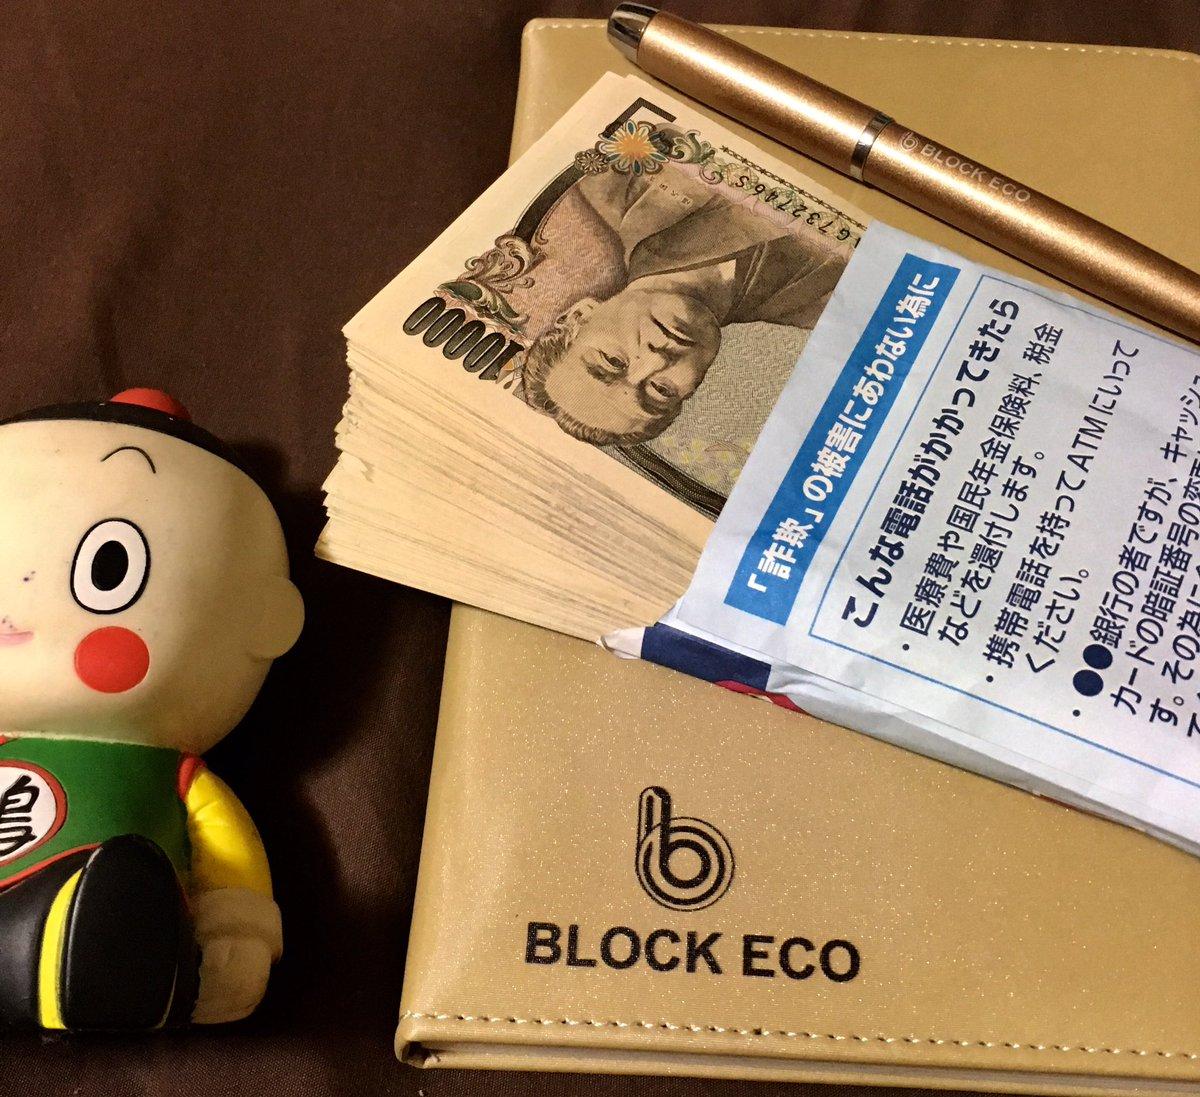 今日でblockecoの原資は全てけいしゅうした…。とっくにご存知なんだろ?オレは穏やかな心を持ちながら、友達からの激しい誘いによって仮想通貨に目覚めた独身のニート…ブロエコ大好きサイヤ人、孫悟空だっ!#blockeco #ブロックエコ #ダウンには50 #パーセント #還元 #BlockEco